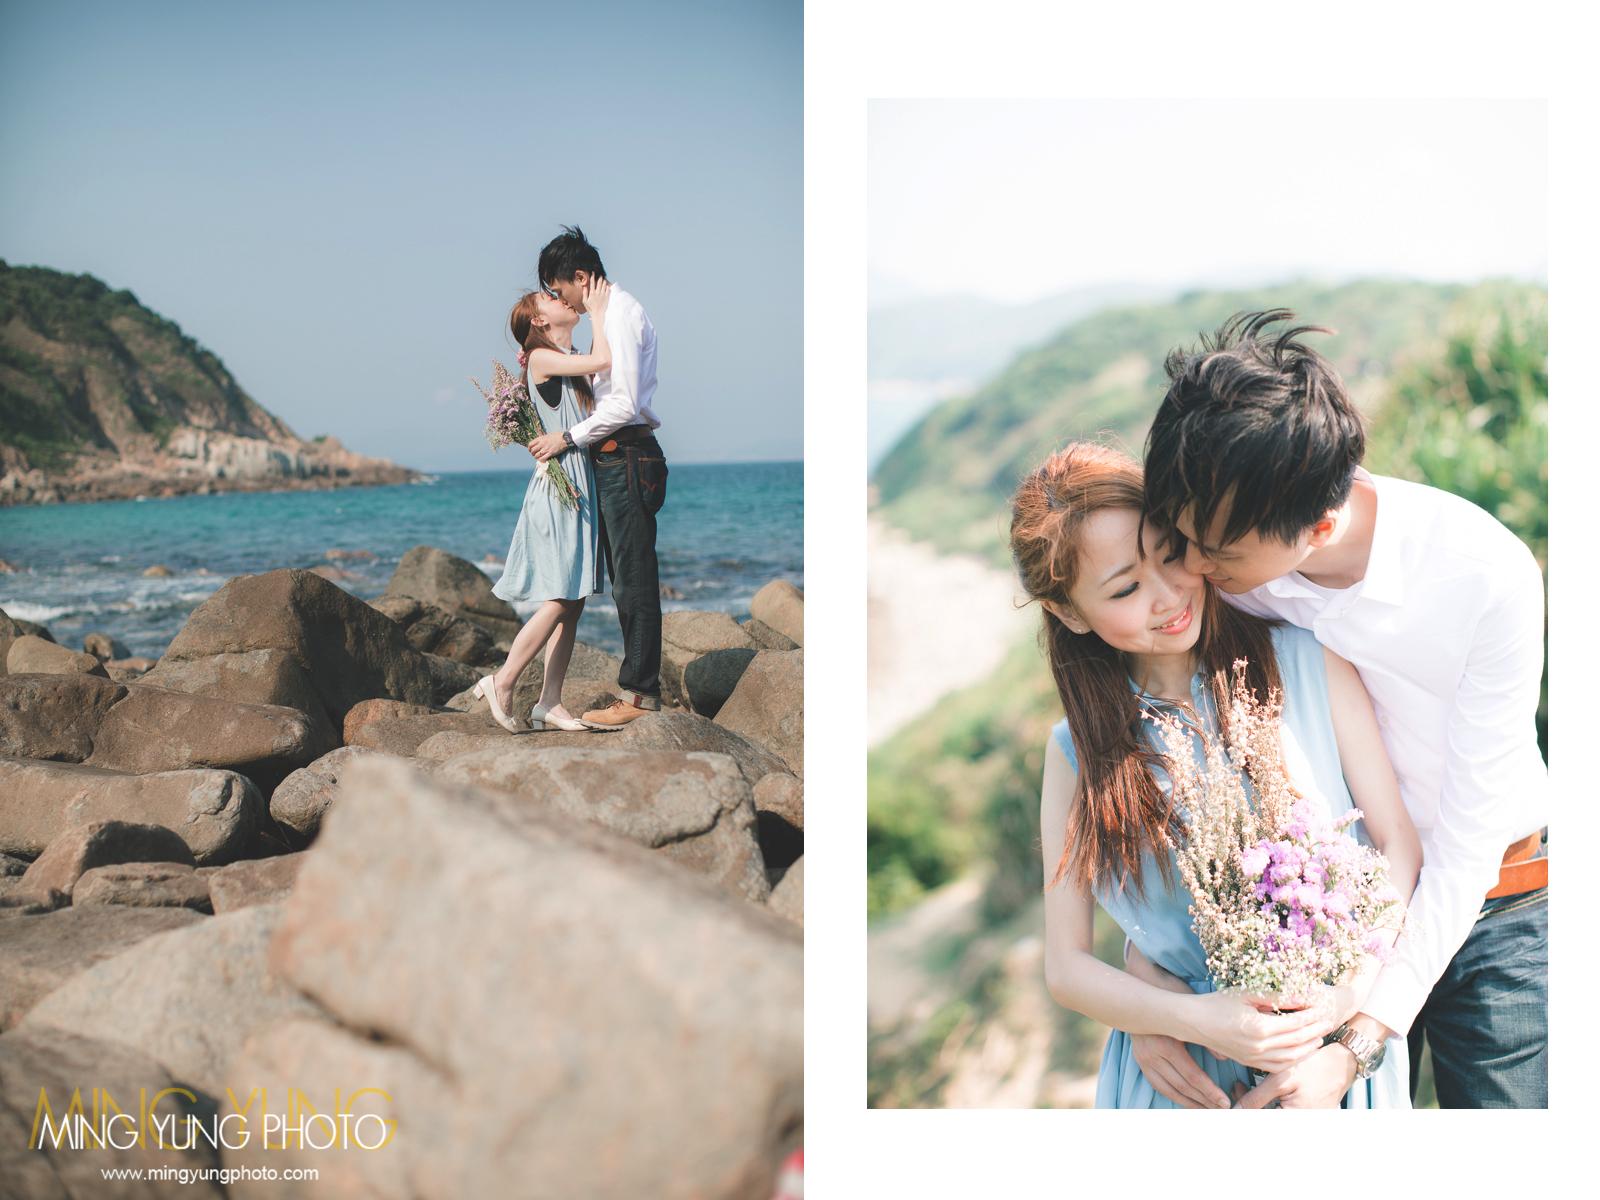 mingyungphoto-20170430-0005